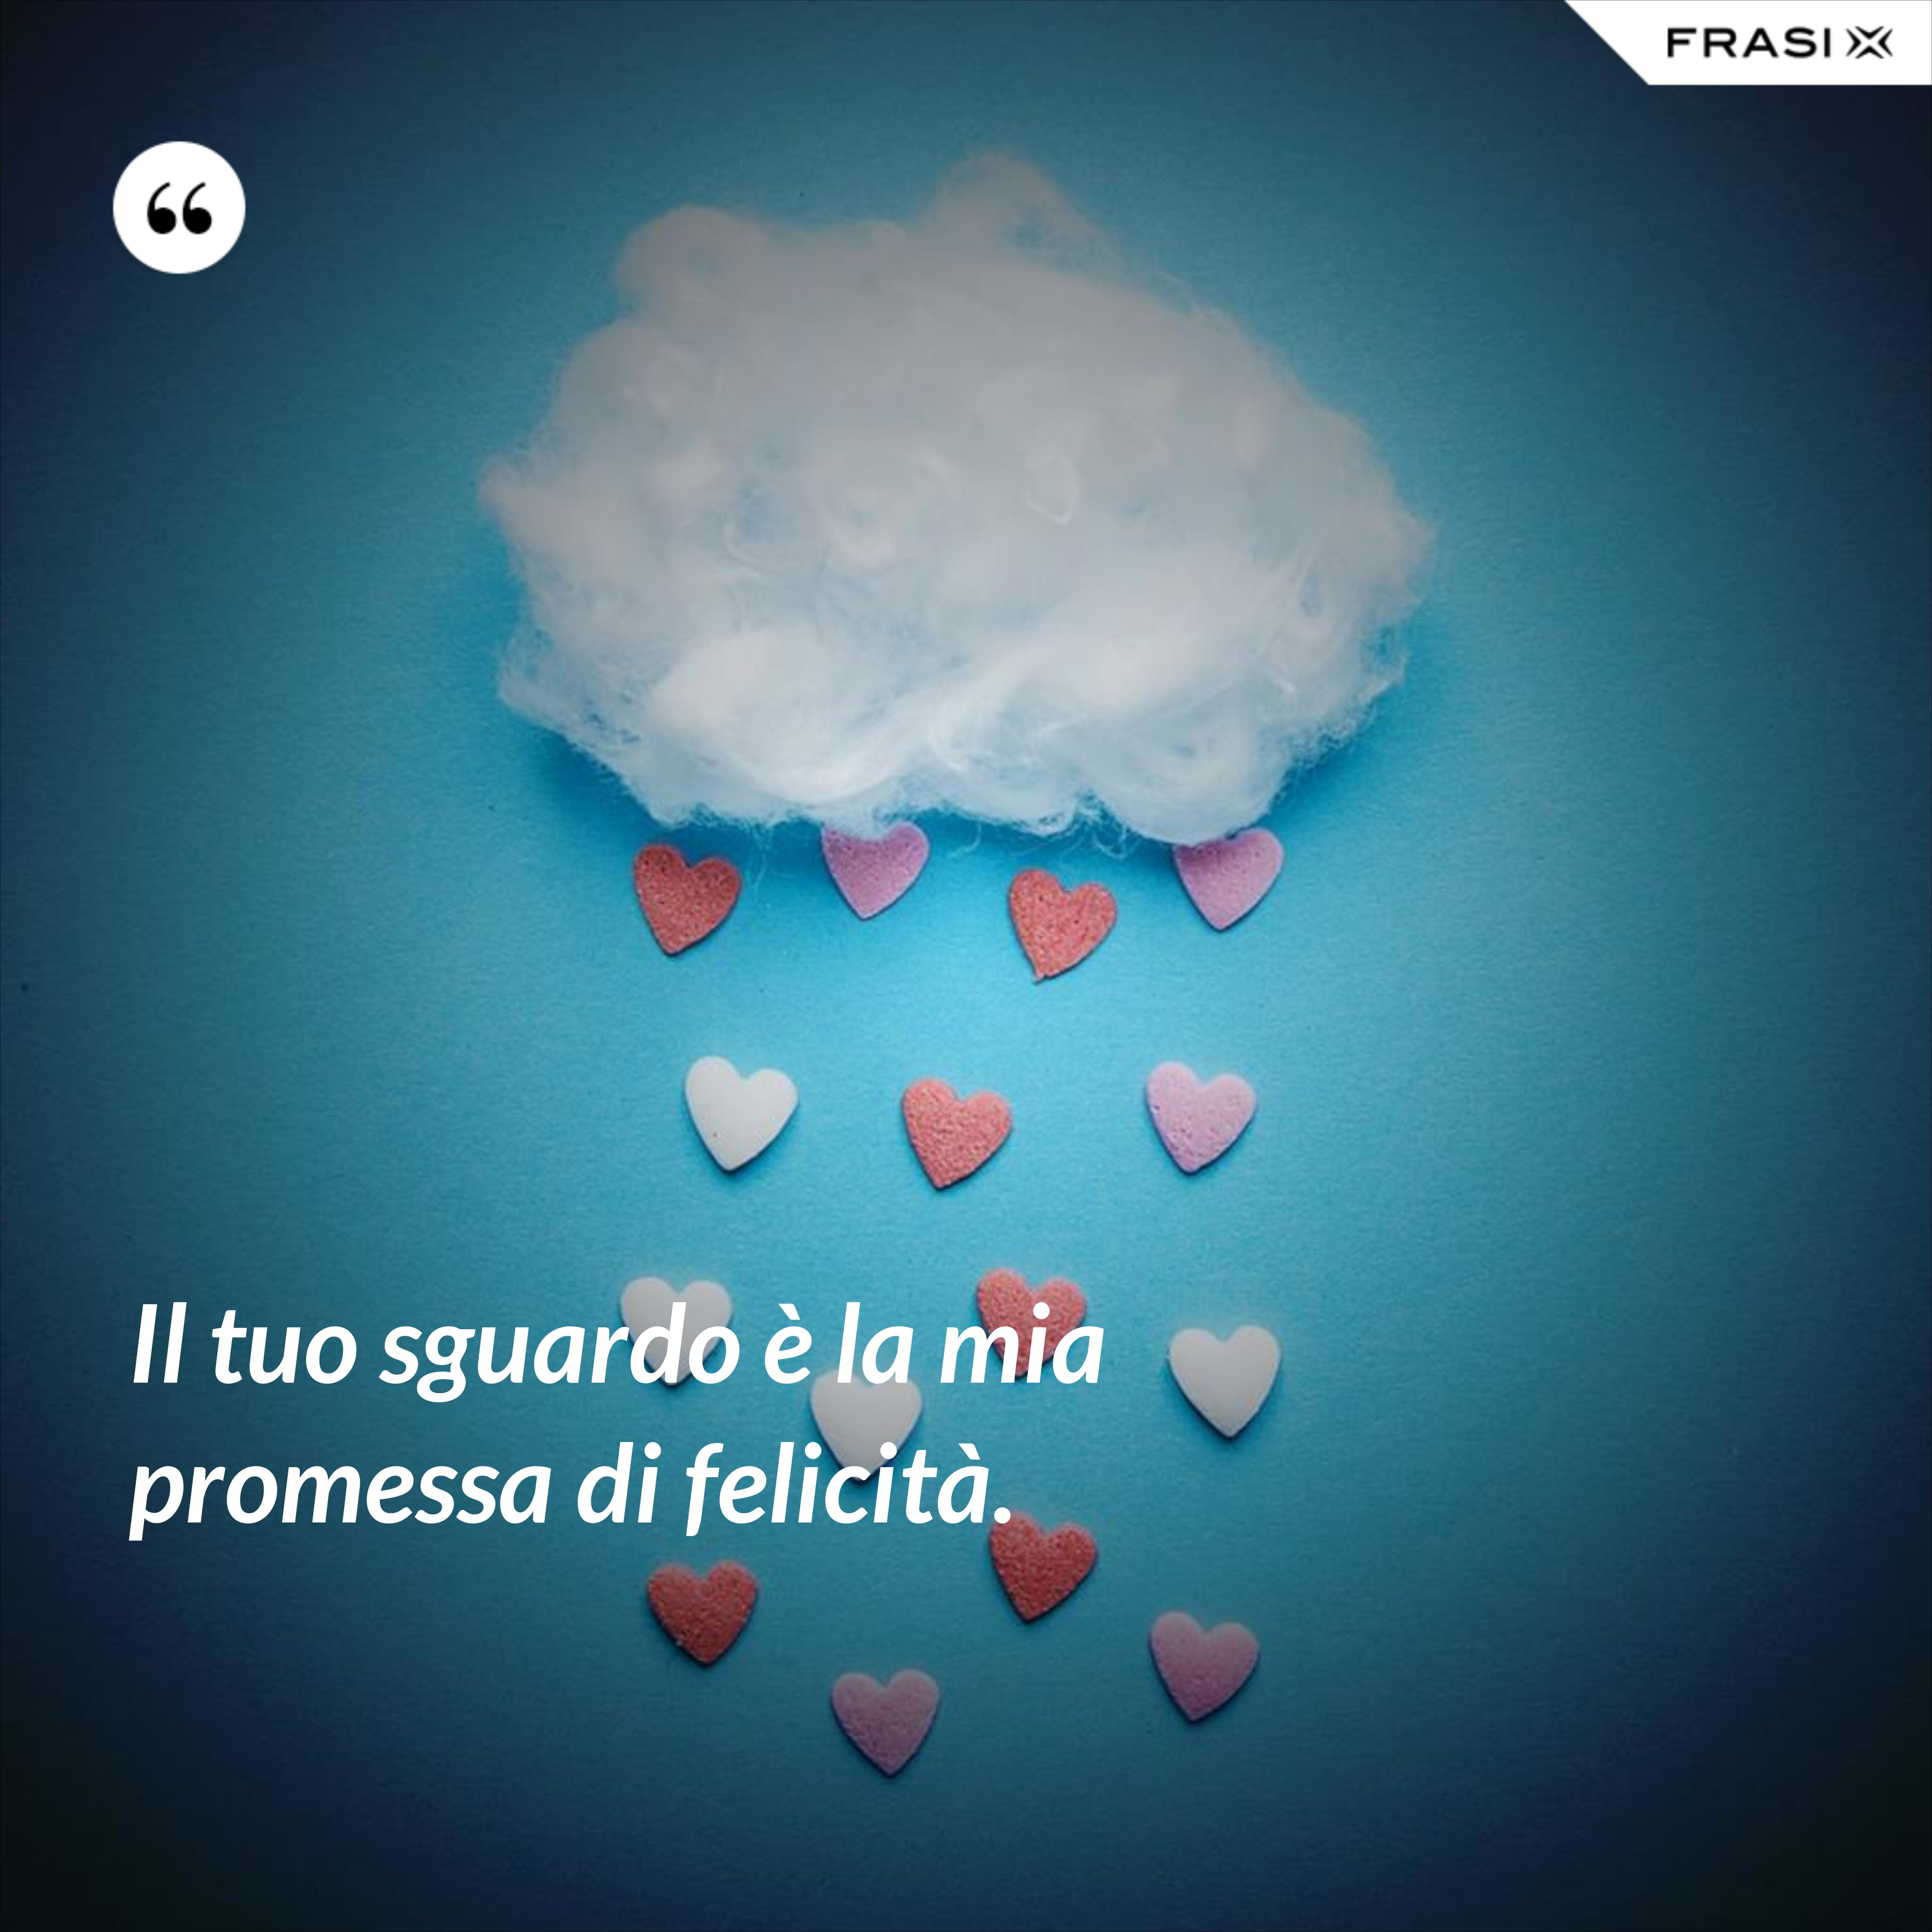 Il tuo sguardo è la mia promessa di felicità. - Anonimo